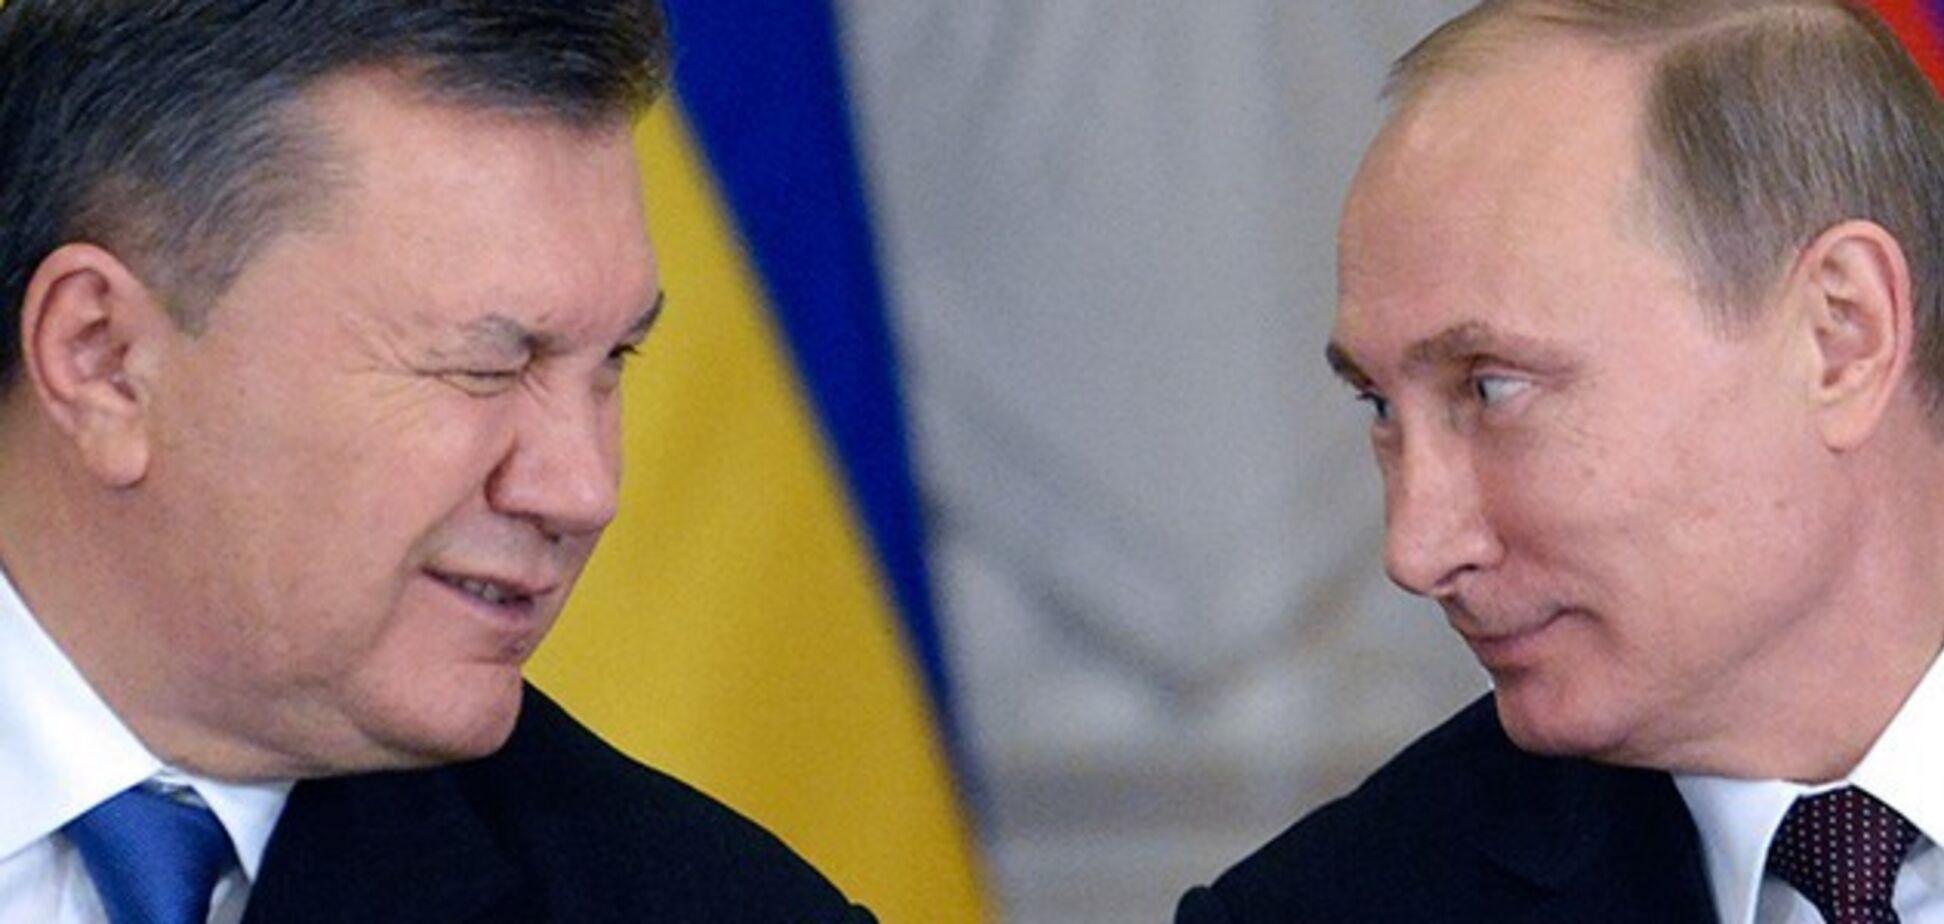 Путин в послании к Федеральному собранию вспомнил о Януковиче